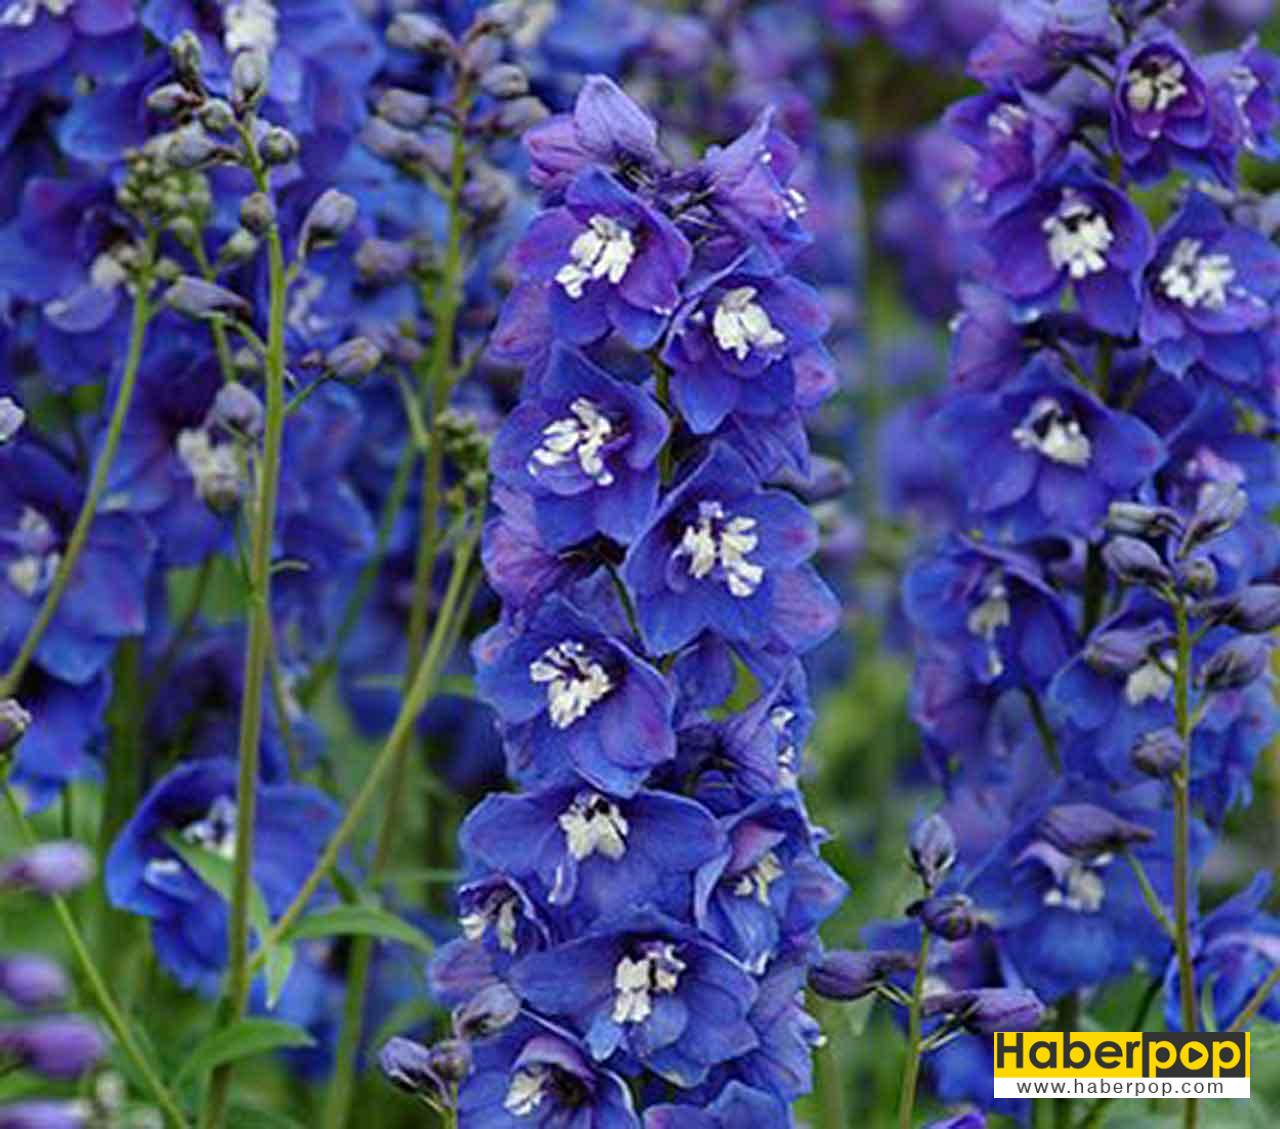 Herzen çiçeği - Delphinium elatum